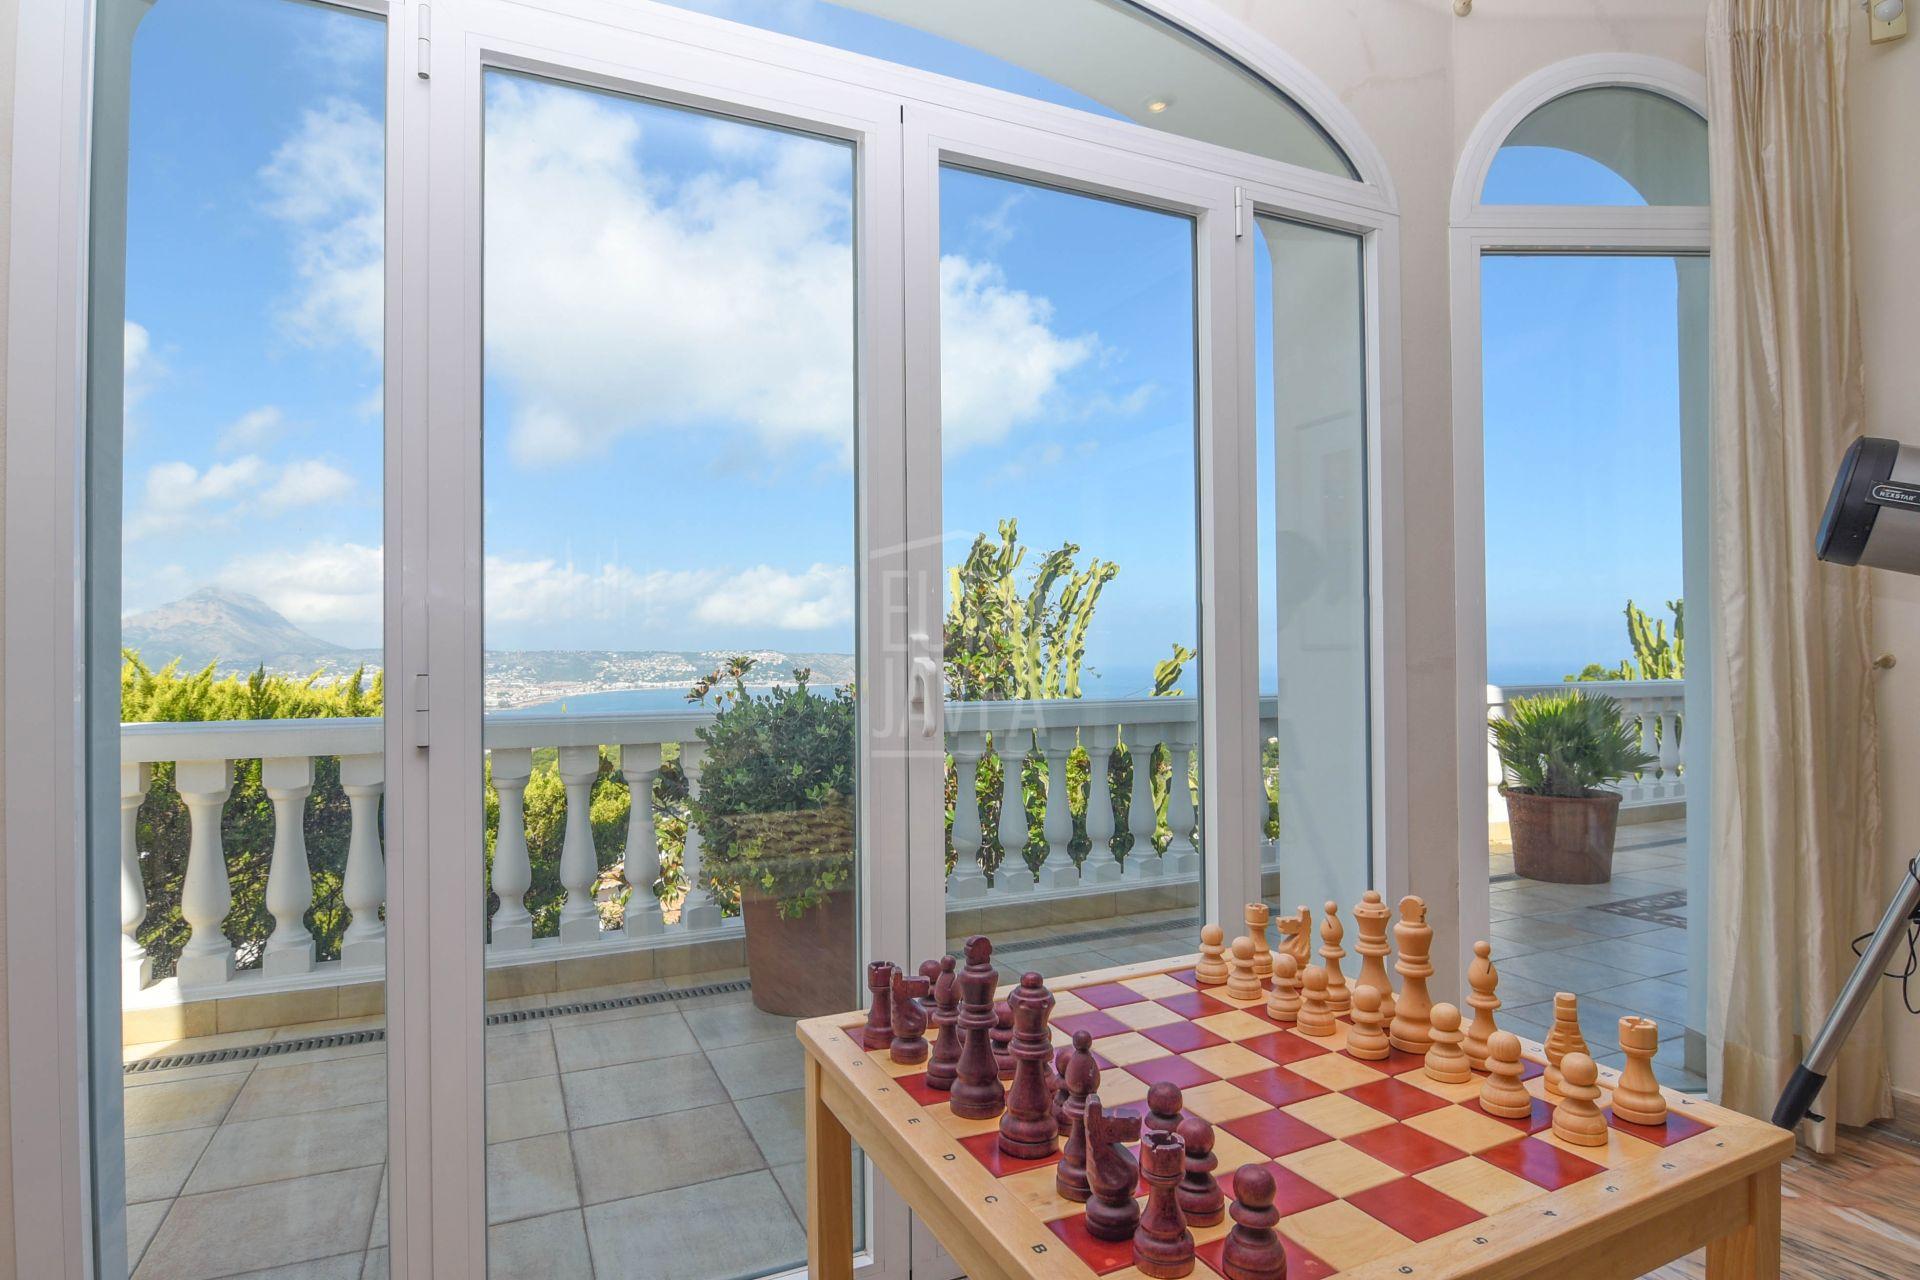 Lujosa casa a la venta en Jávea ubicada en un enclave único con vistas impresionantes al mar